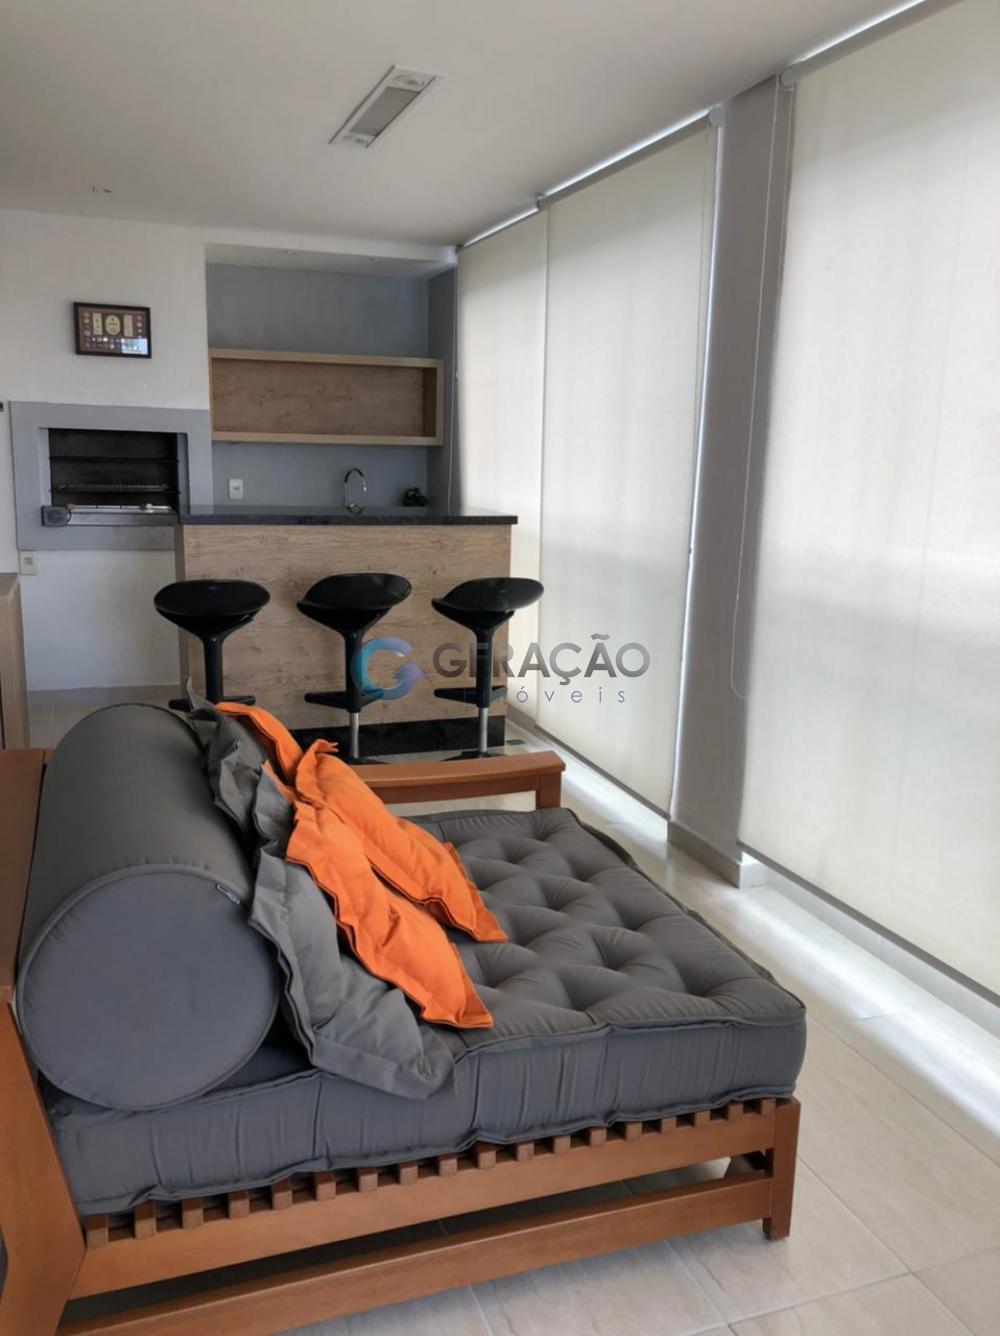 Alugar Apartamento / Padrão em São José dos Campos R$ 5.600,00 - Foto 1